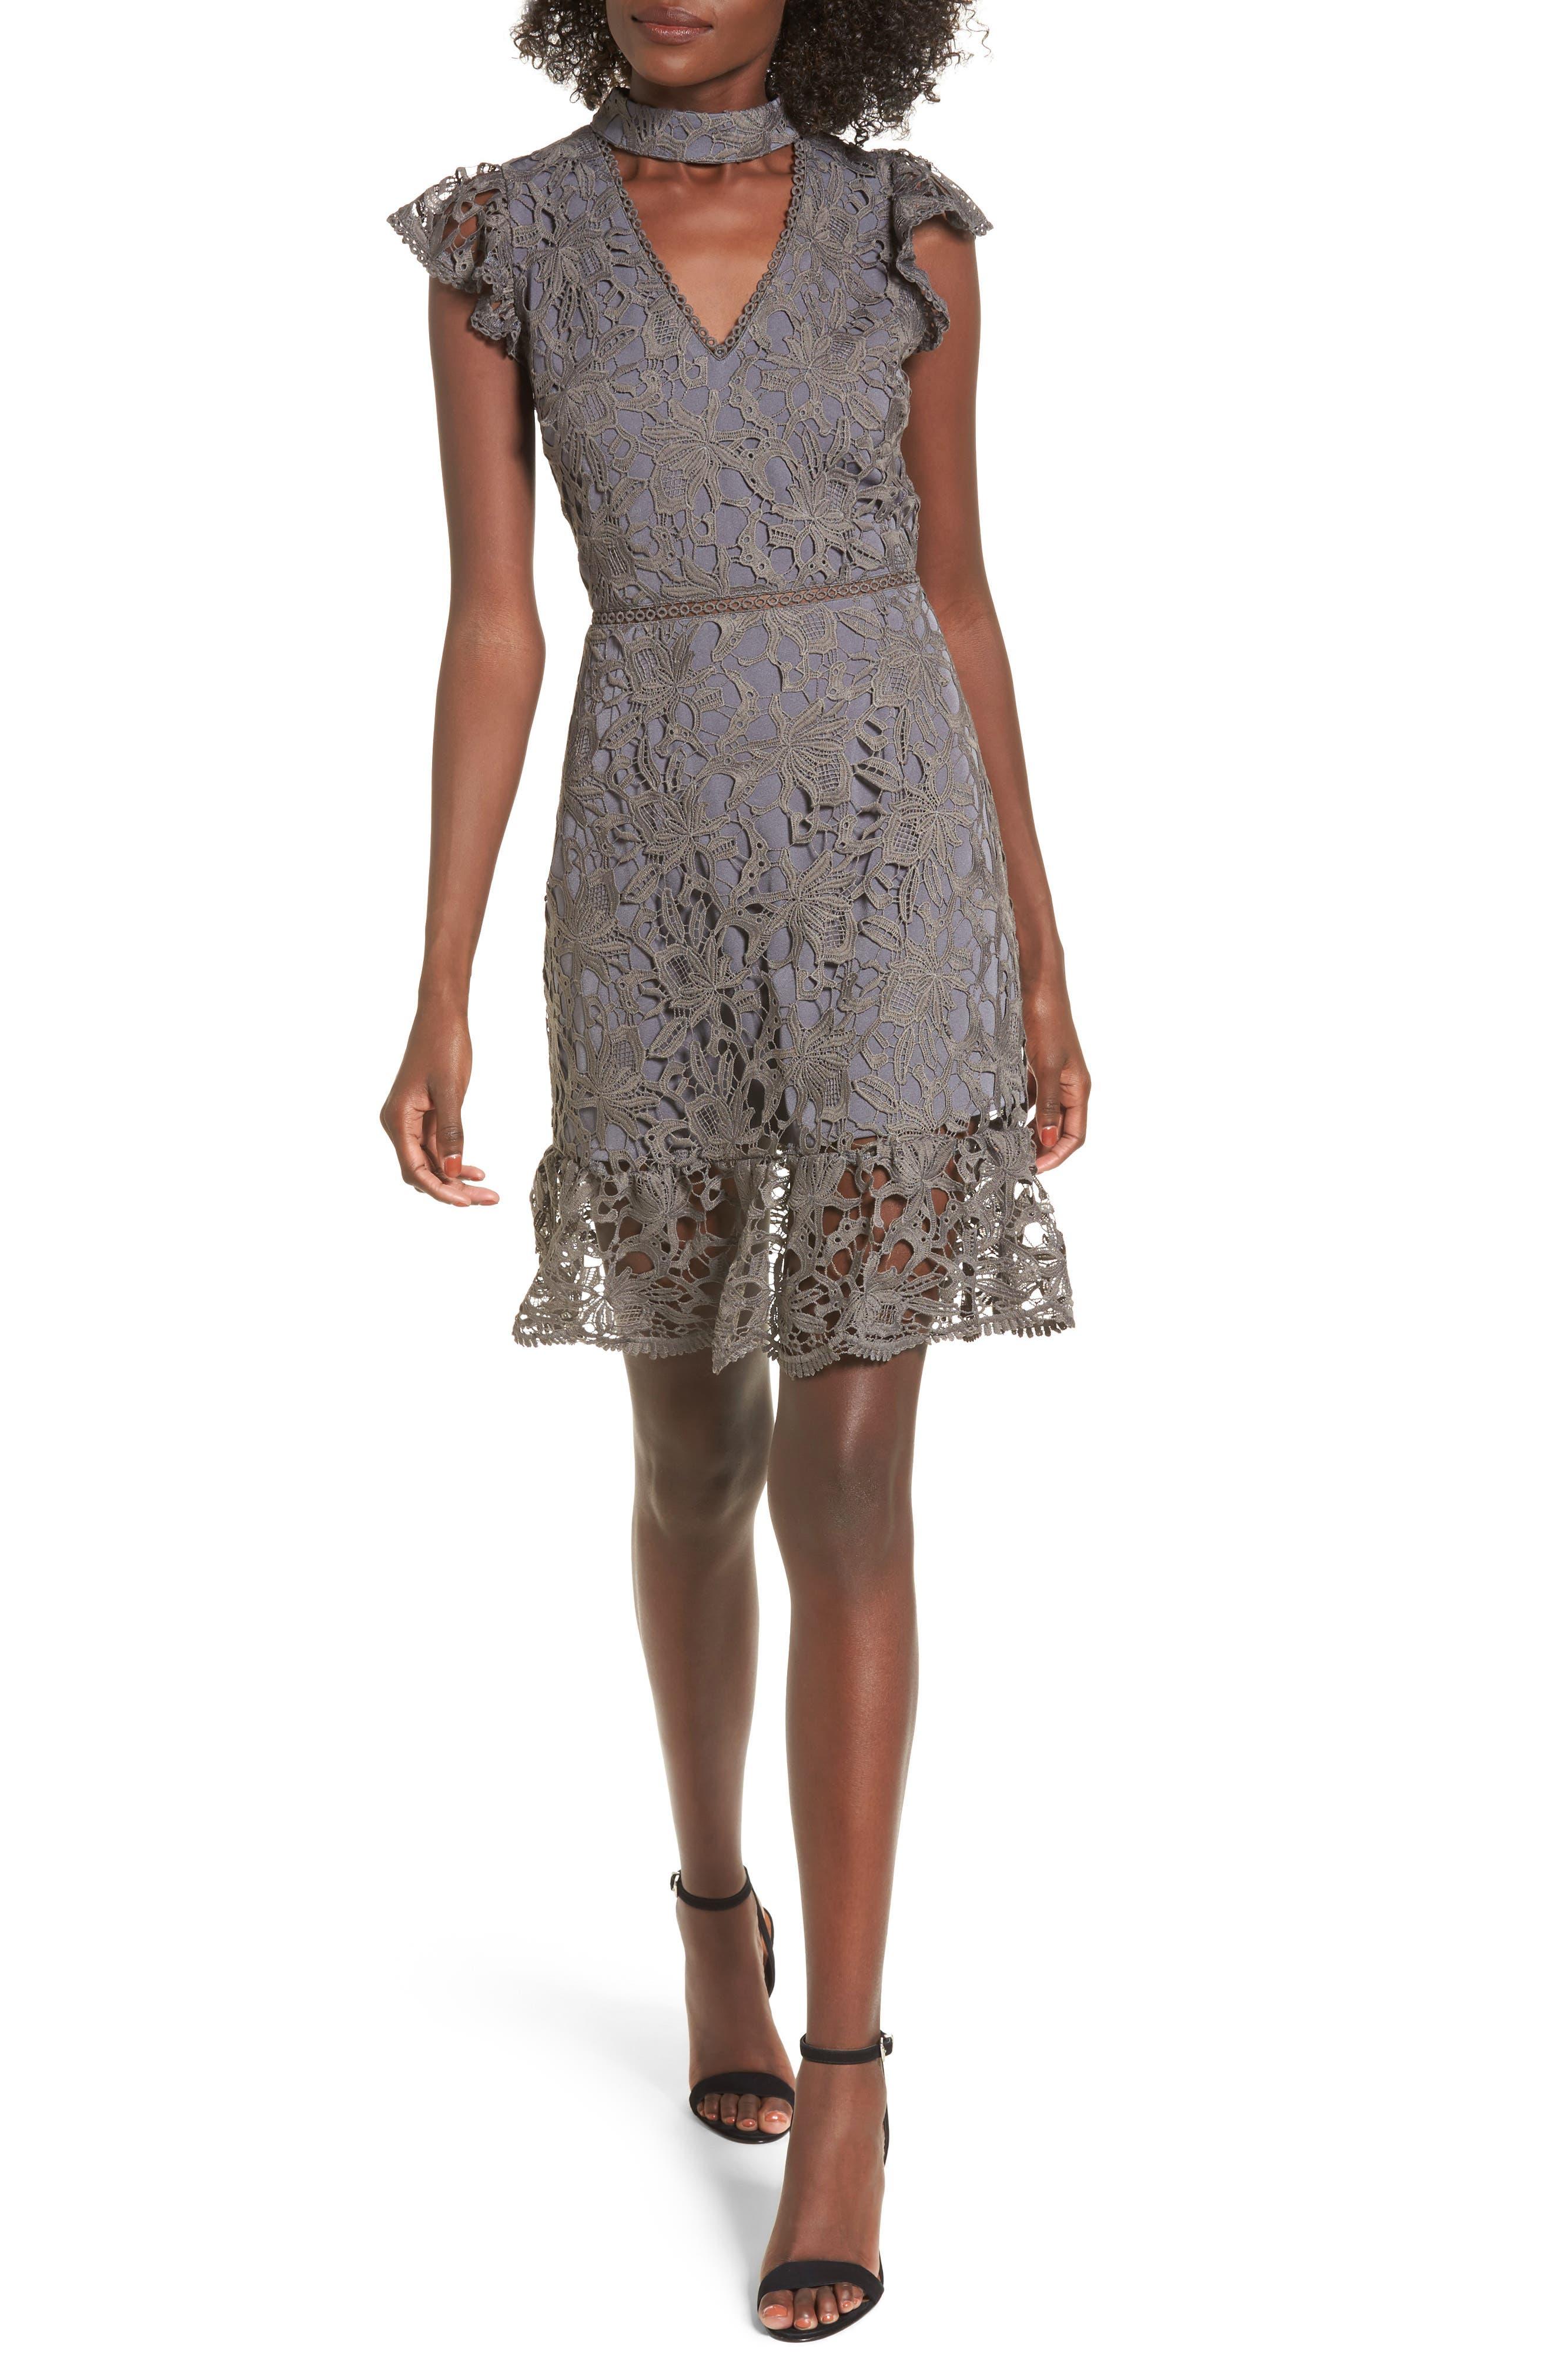 Main Image - J.O.A. Choker Lace Dress